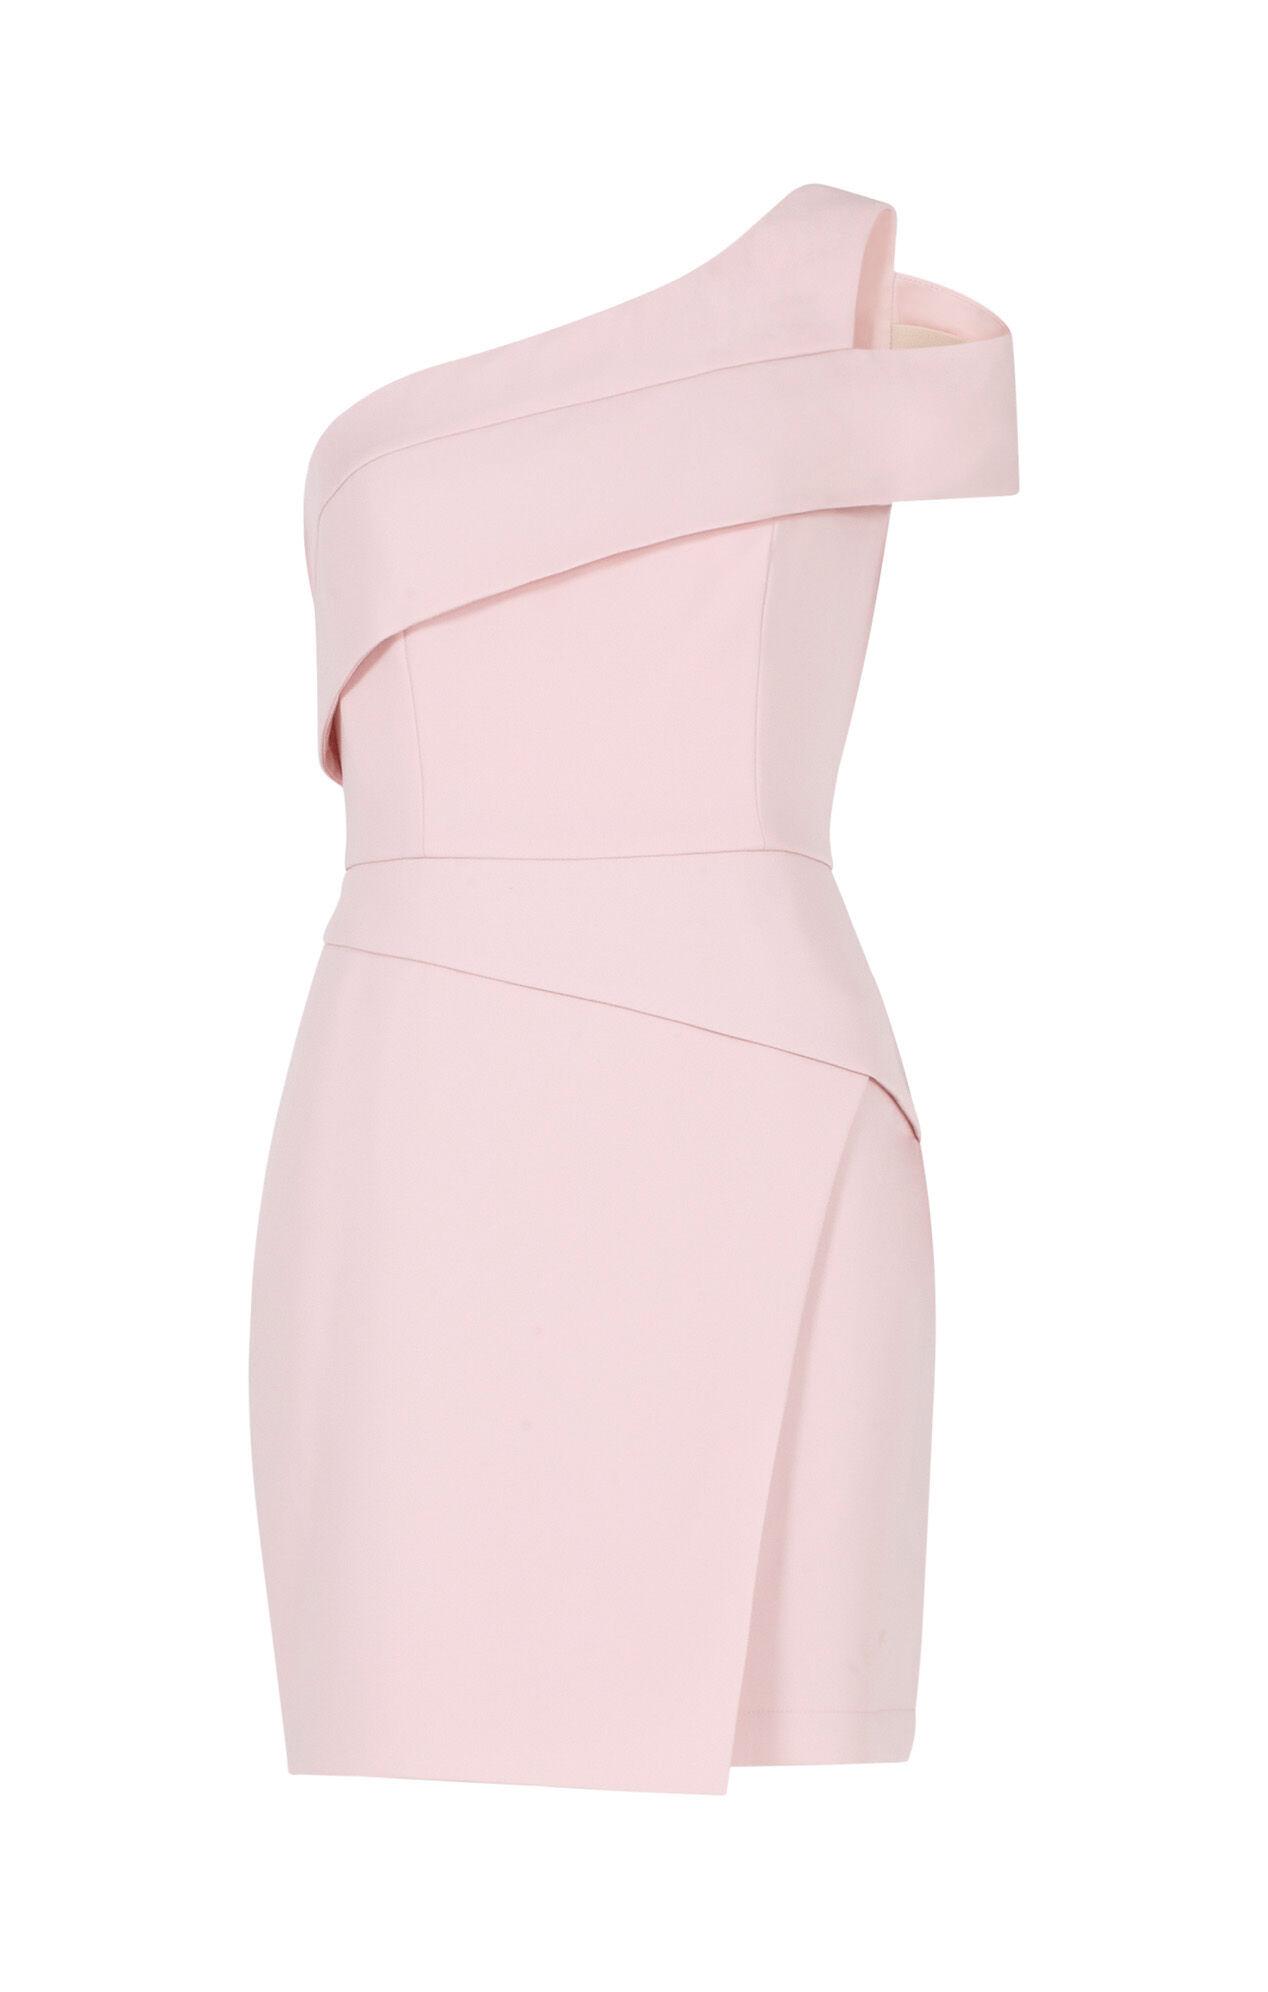 Benett Cutout One-Shoulder Dress